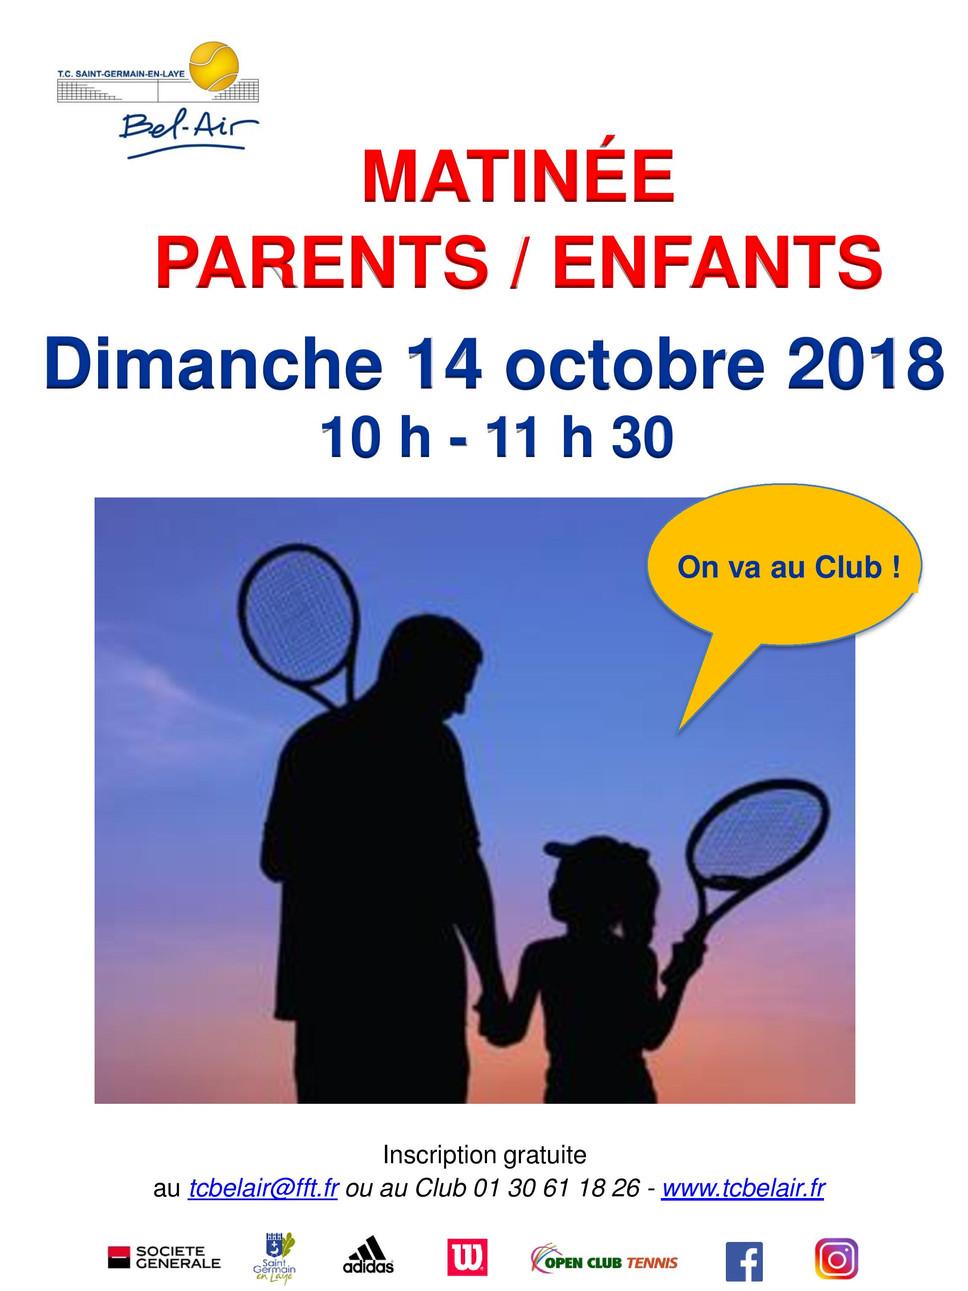 Matinée Parents/Enfants le dimanche 14 octobre 2018